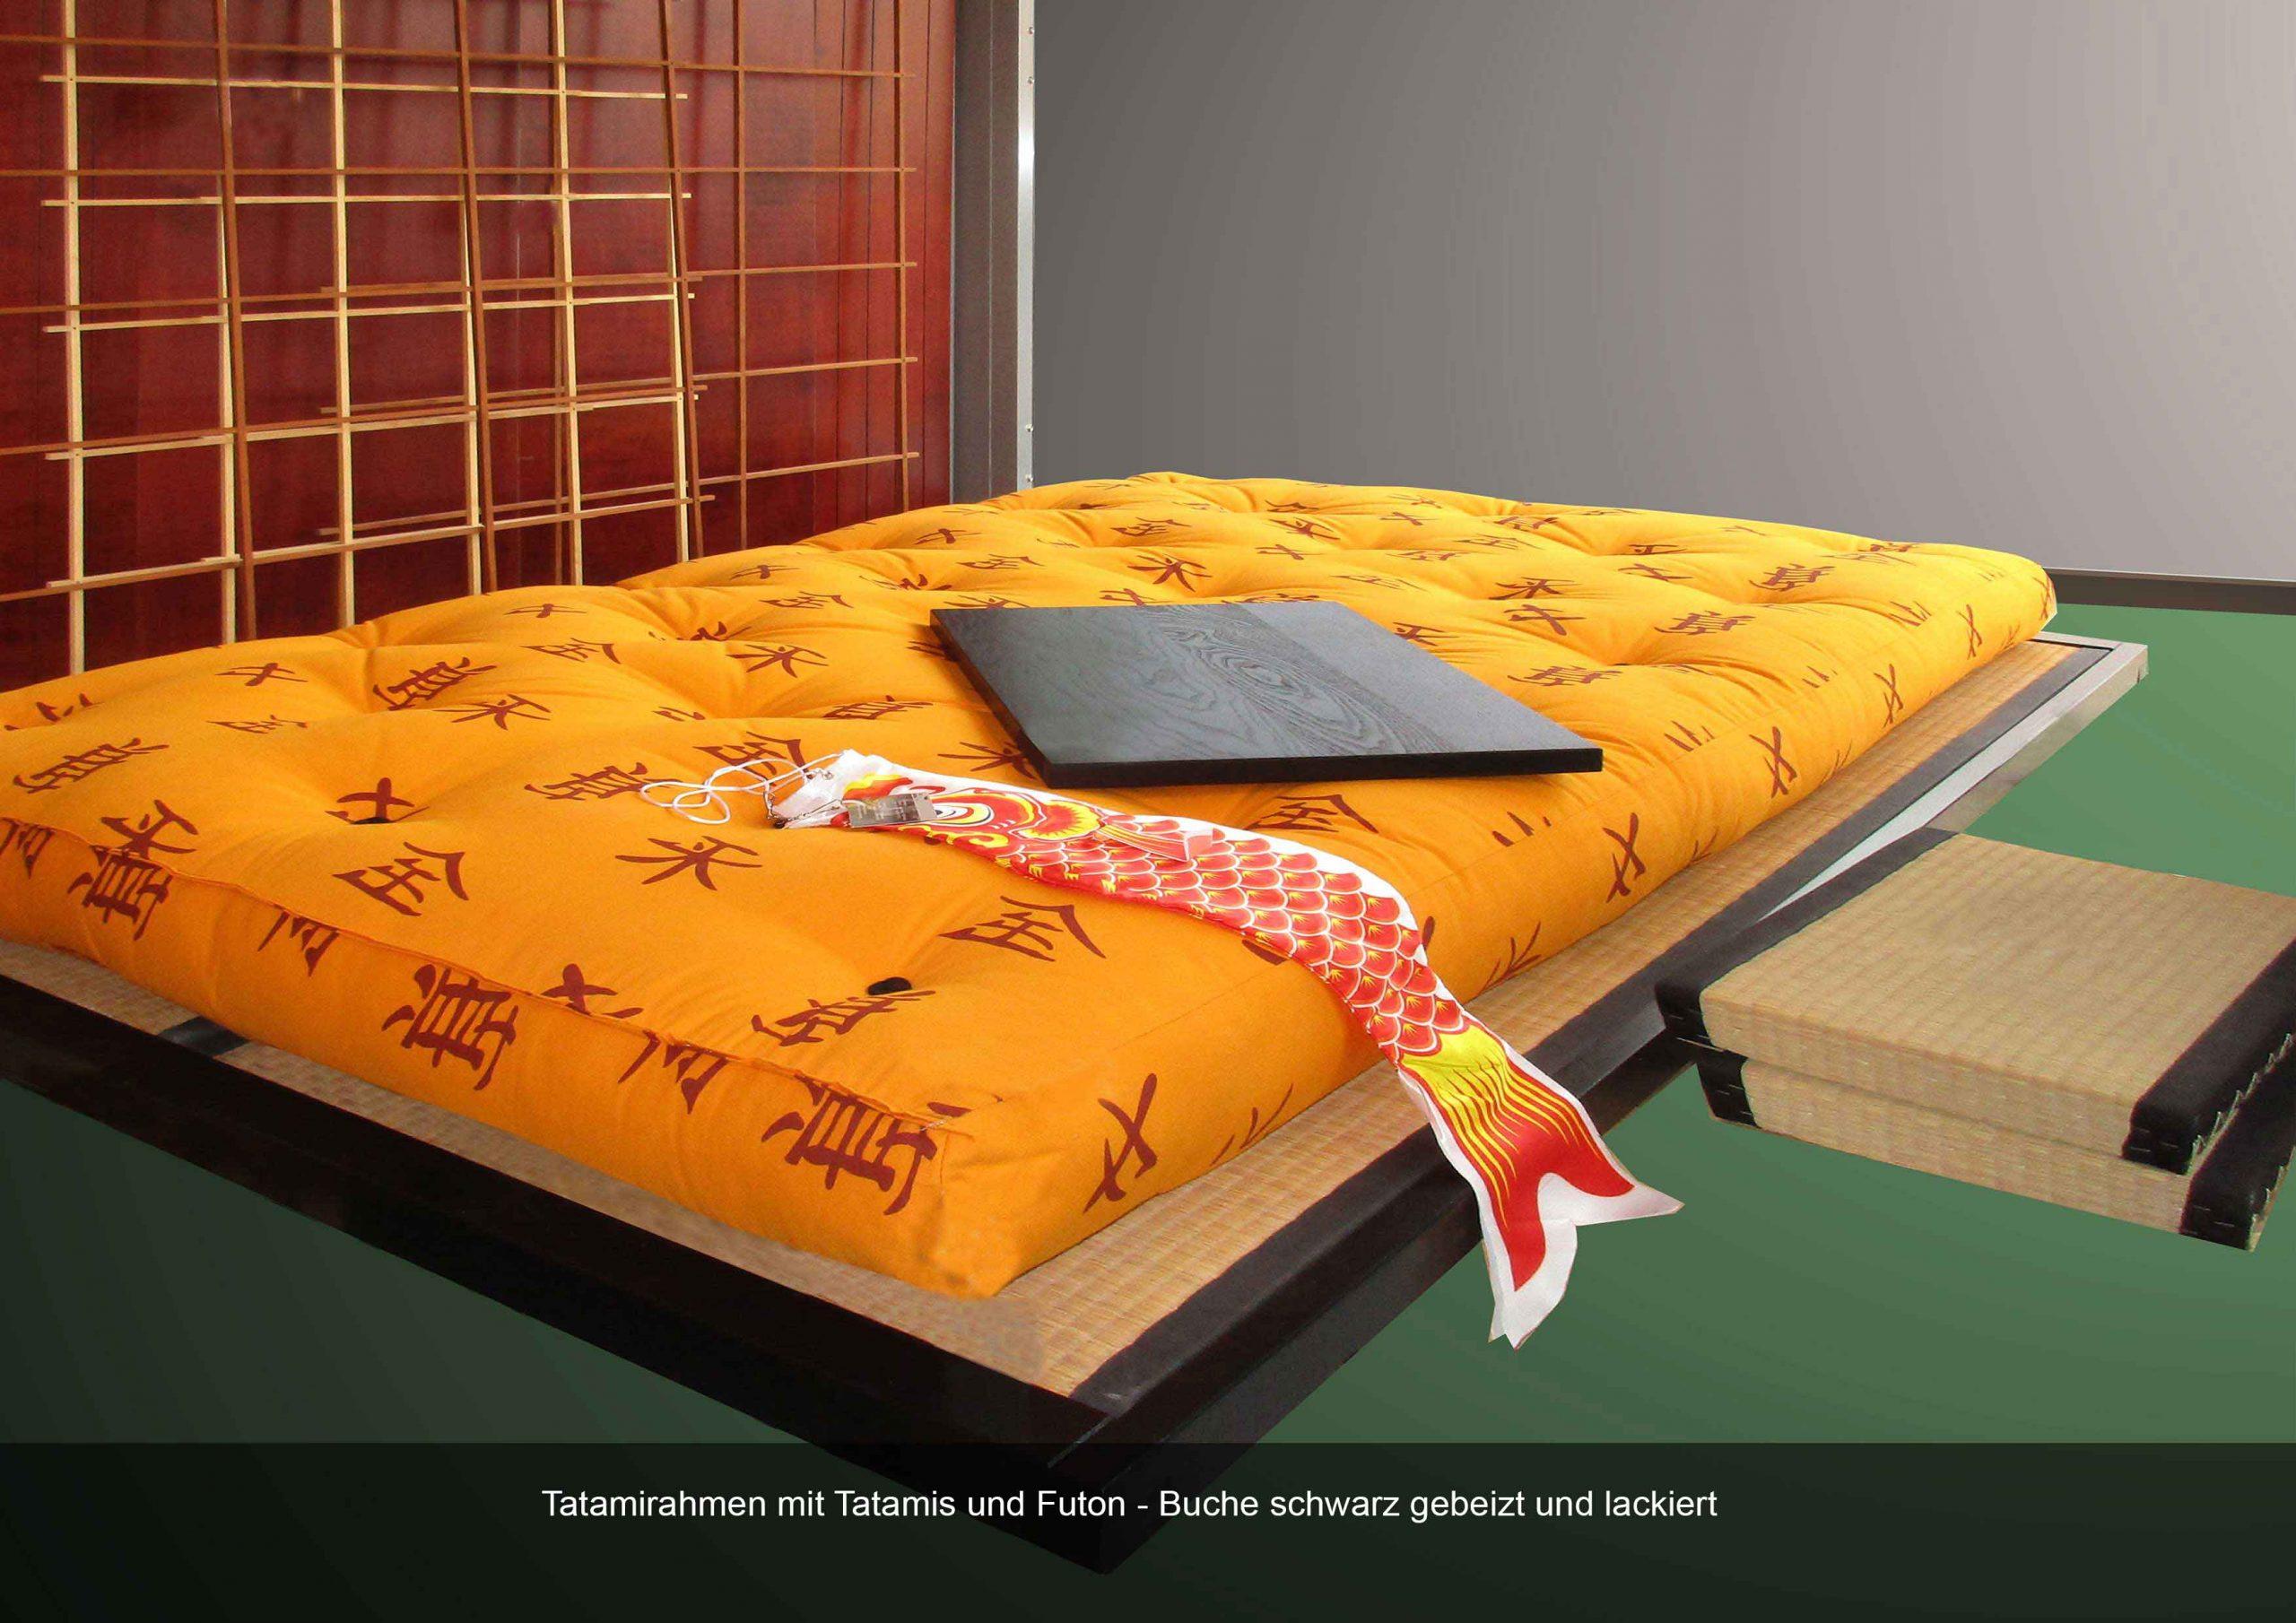 Tatamirahmen Massivholz Futon Buche schwarz gebeizt lackiert